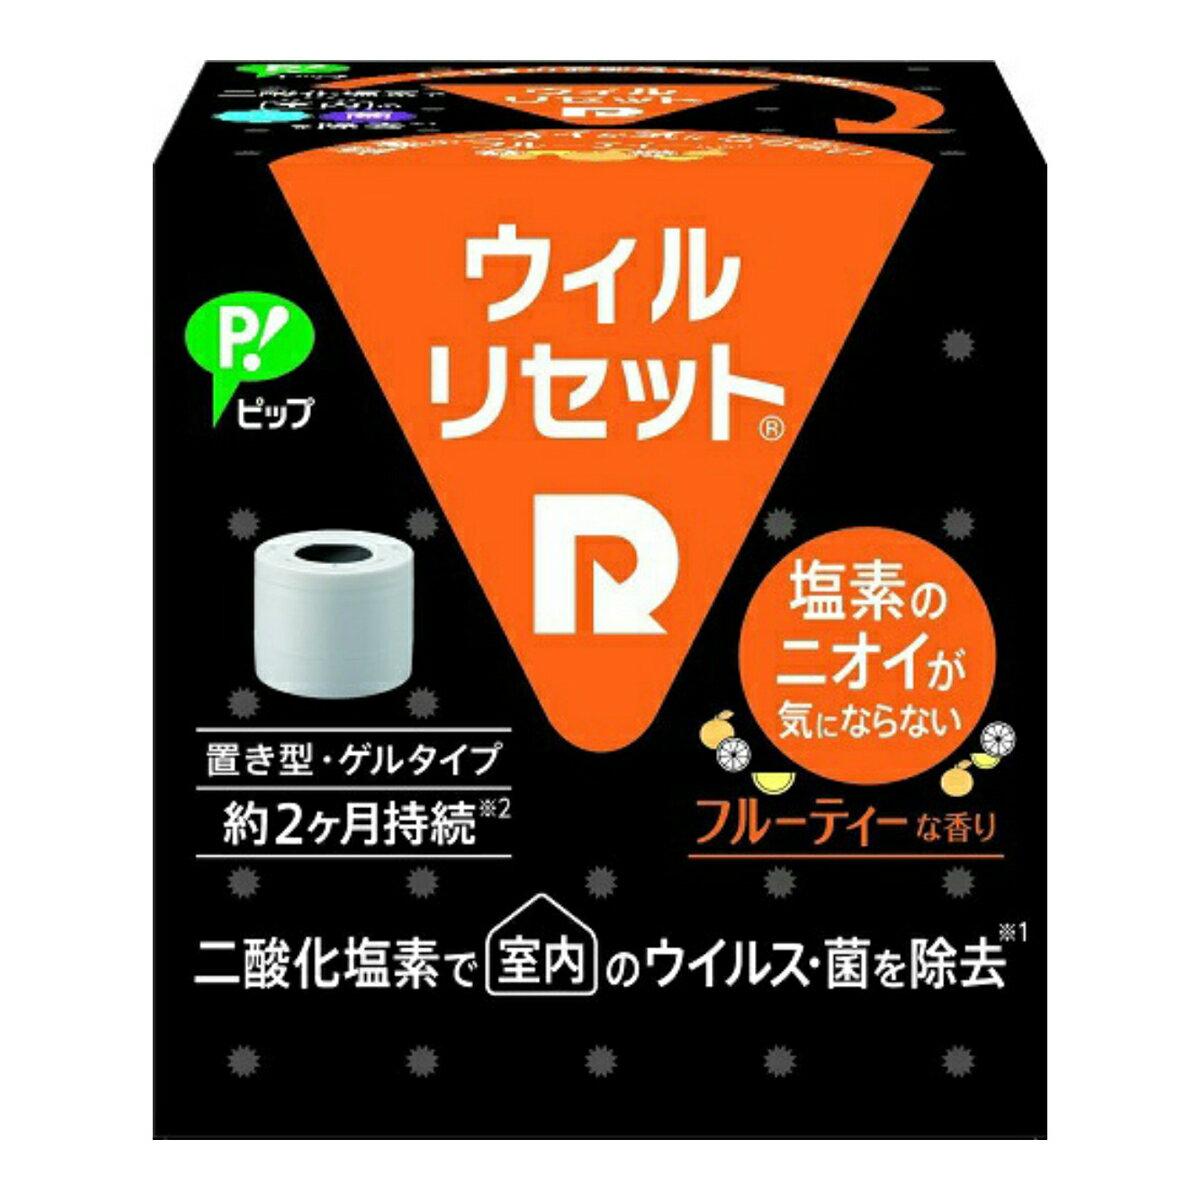 【送料無料・まとめ買い×10】ピップ ウィルリセット 置き型 フルーテイーな香り ×10点セット(4902522672375)